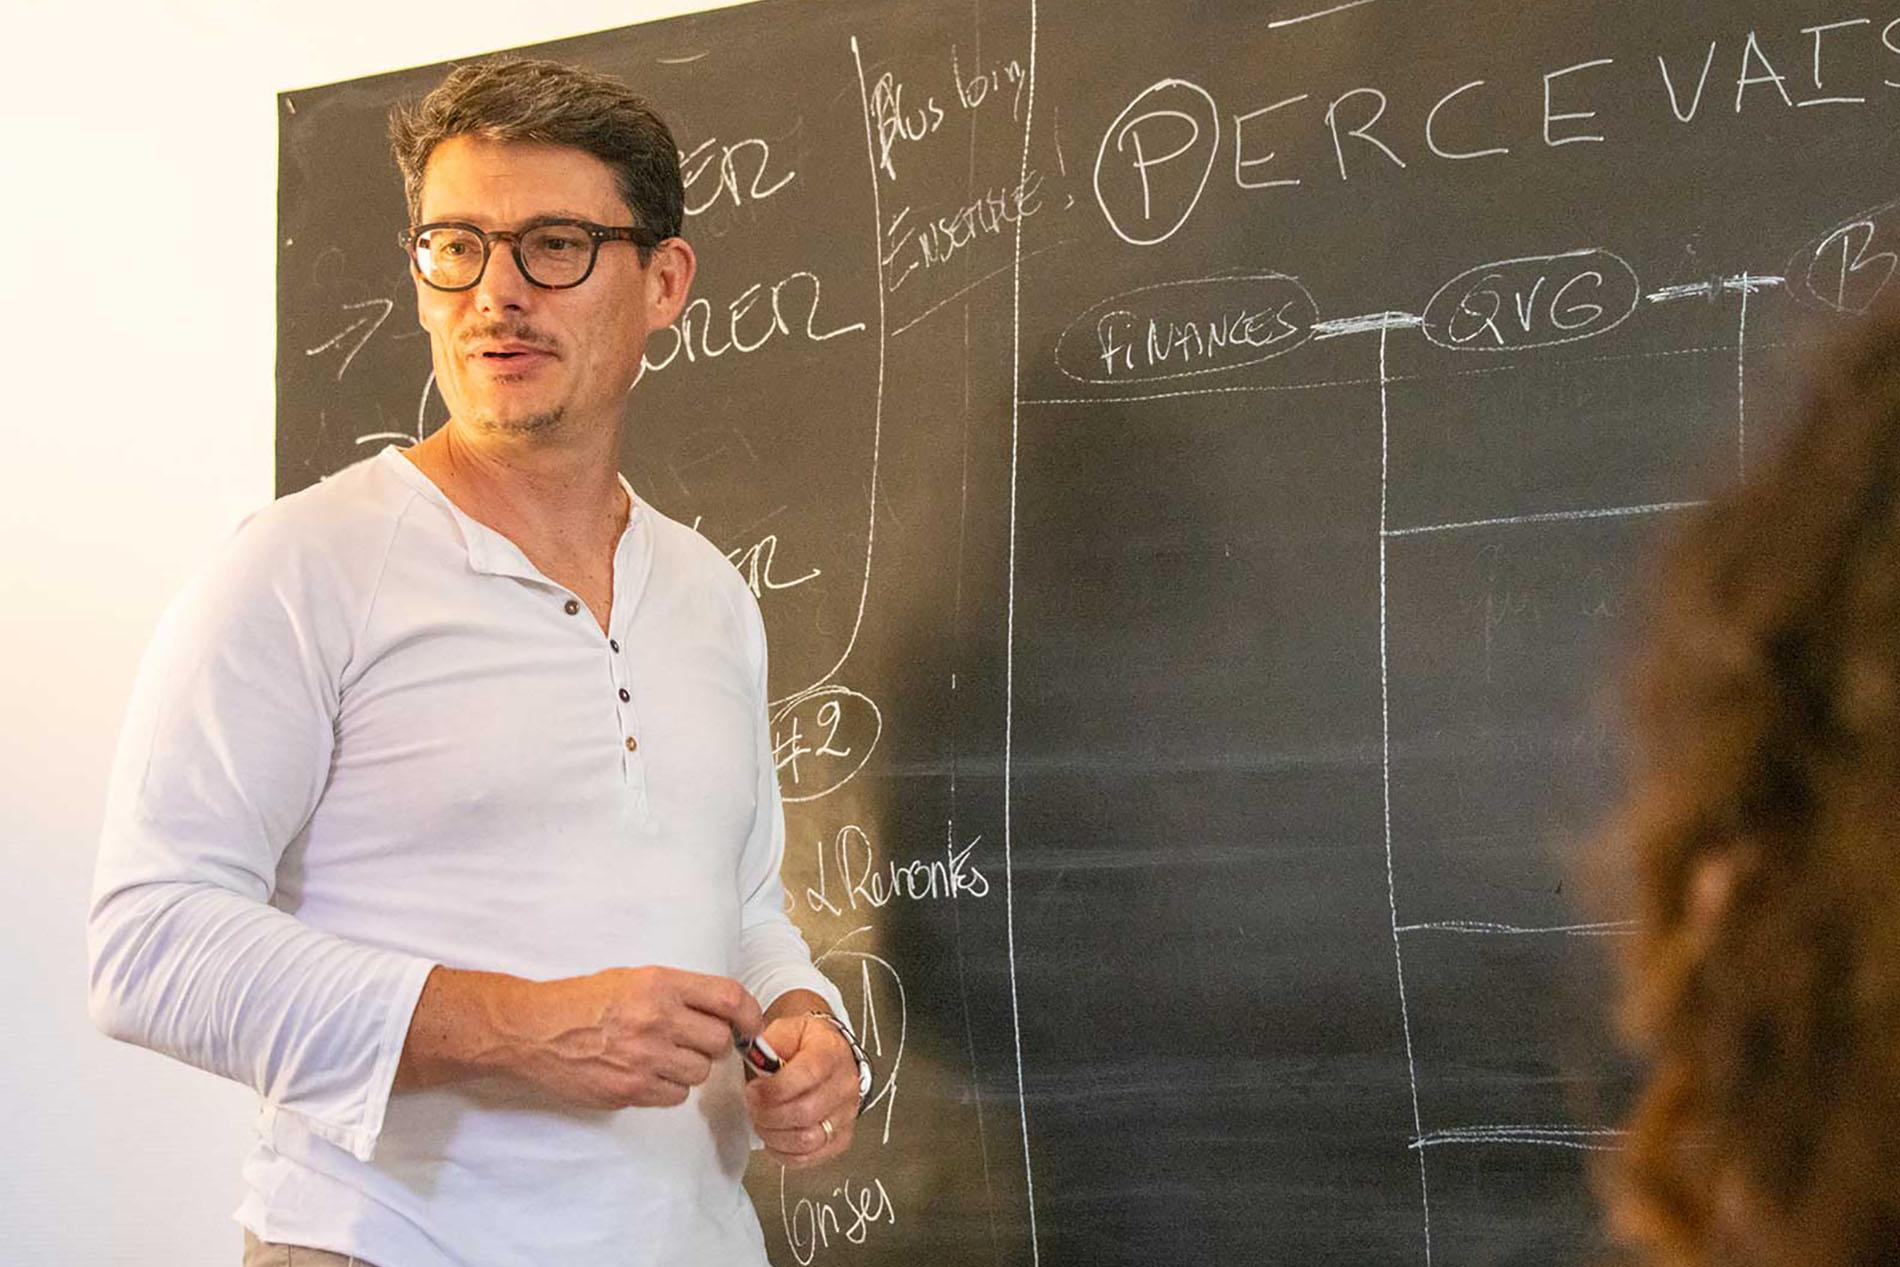 PERCEVAIS® Manager inspirant qui allie humanisme, agilité et modernité